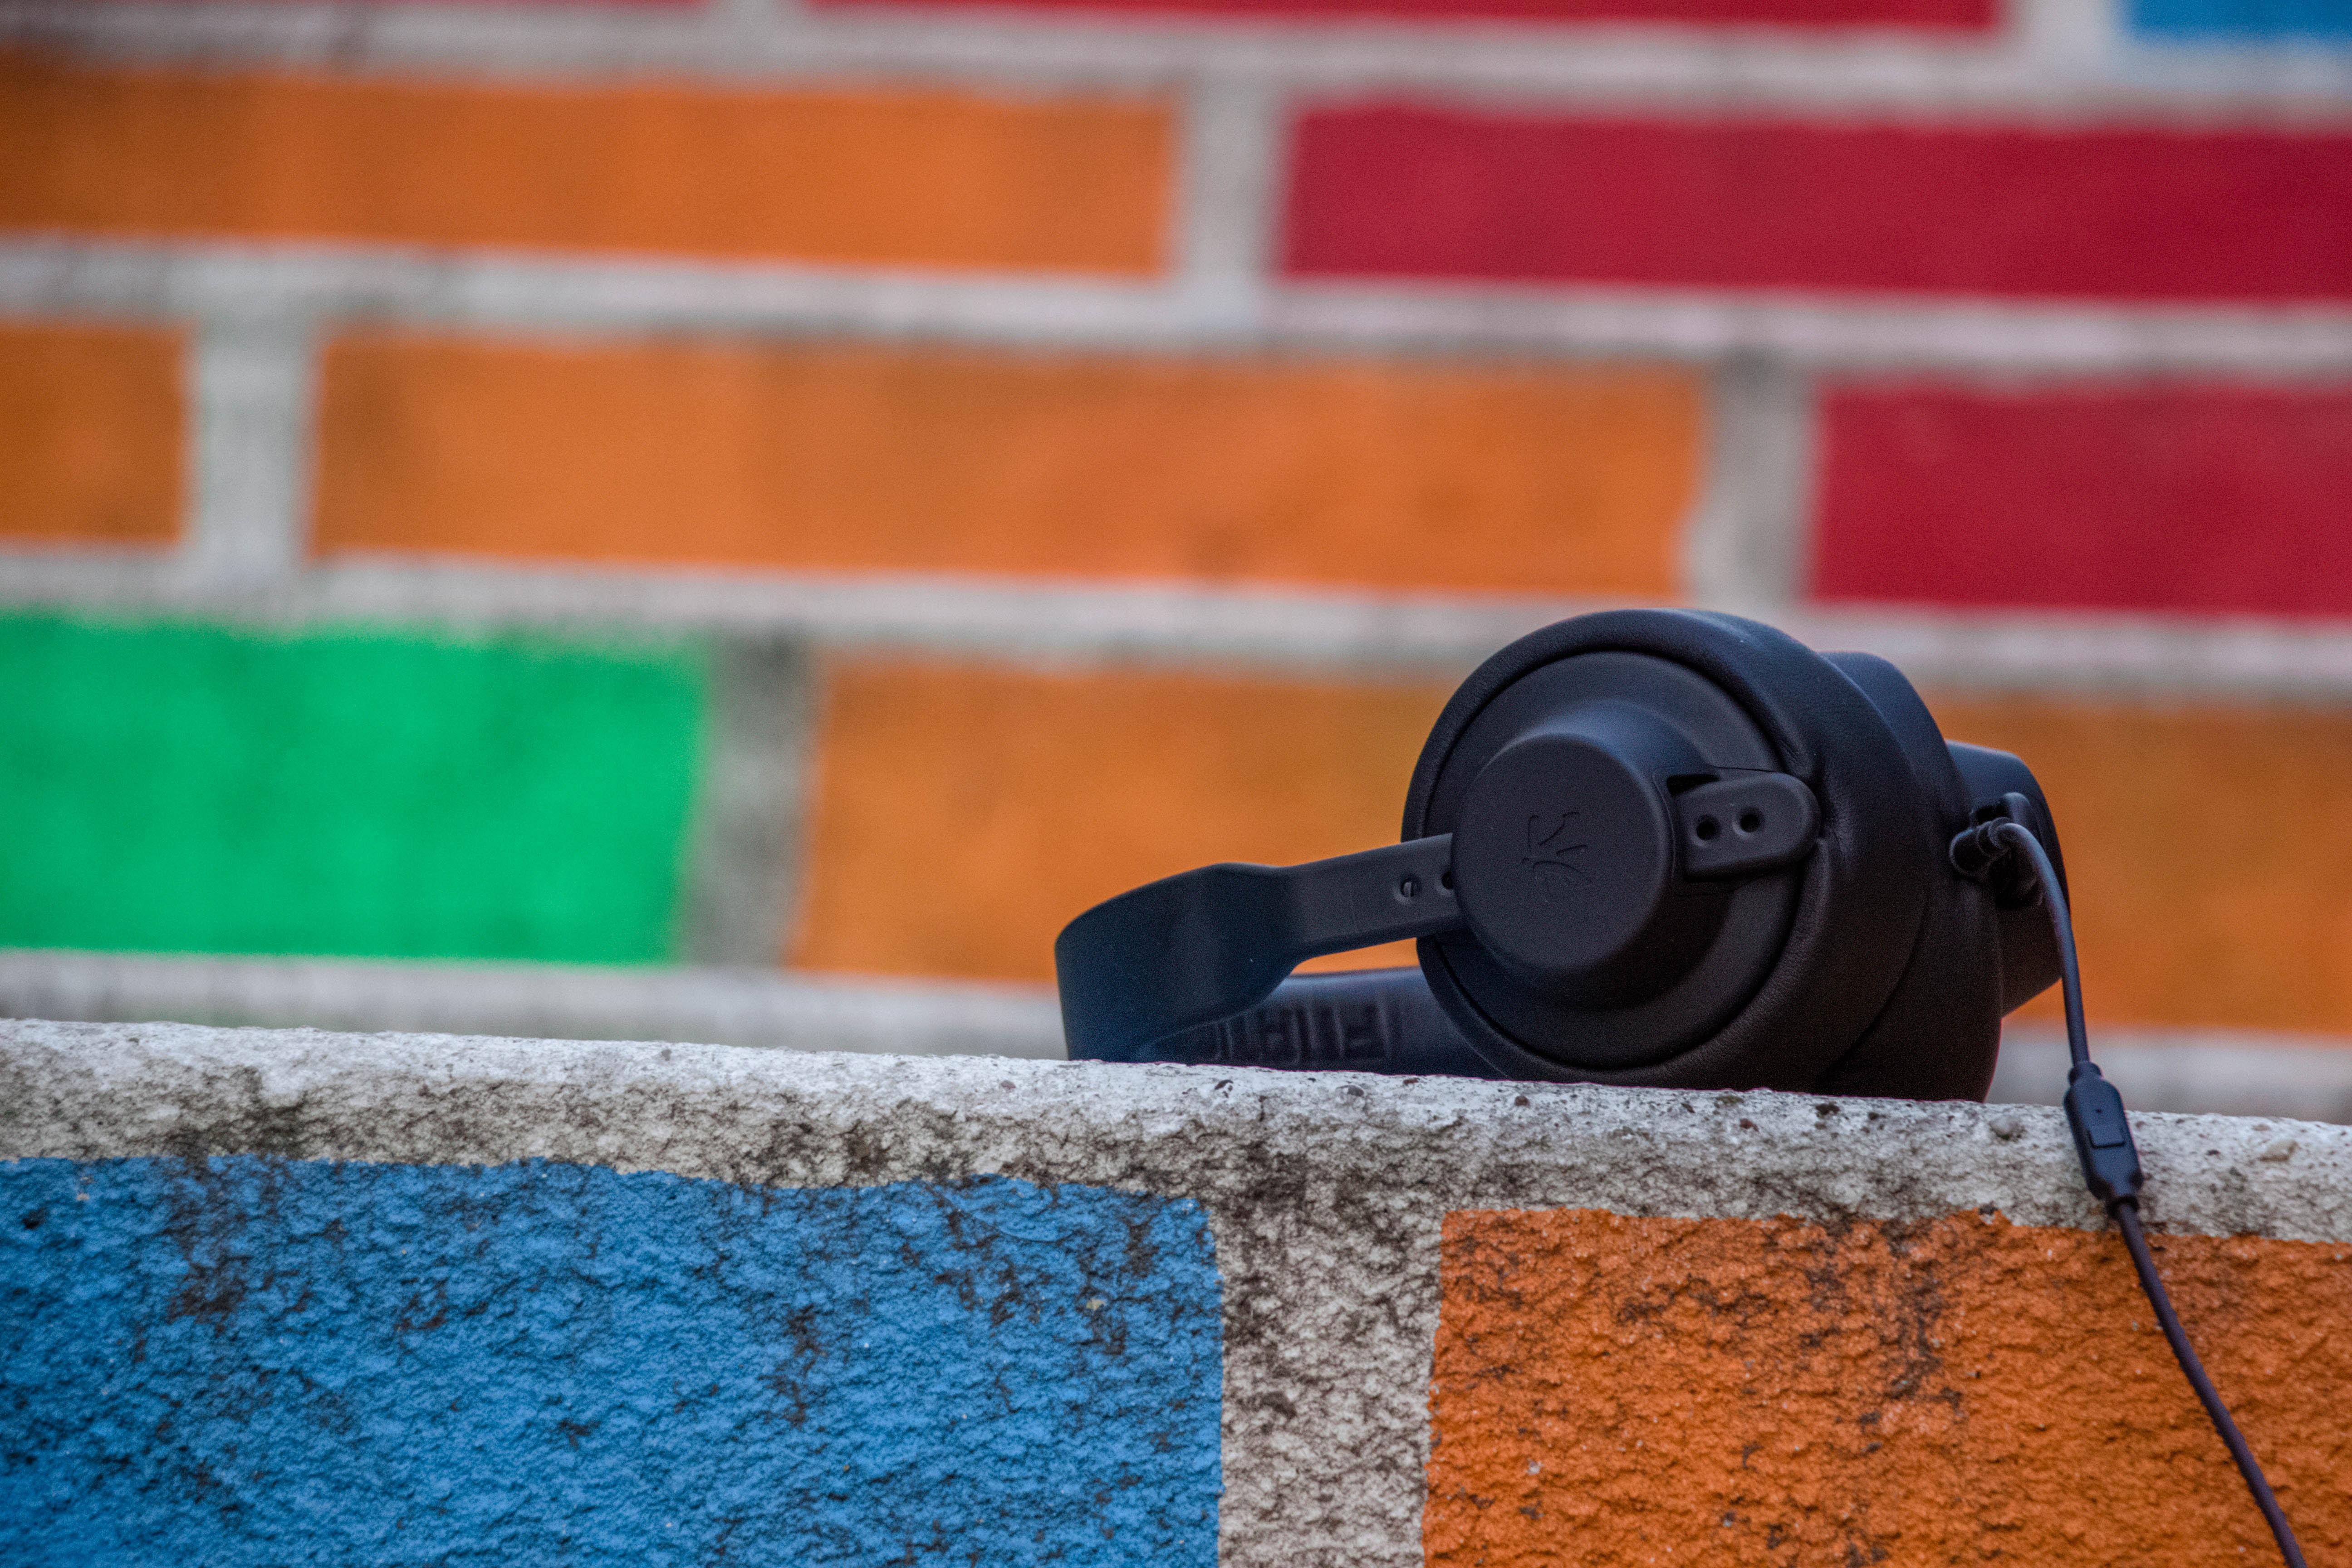 fone de ouvido sobre um muro colorido.